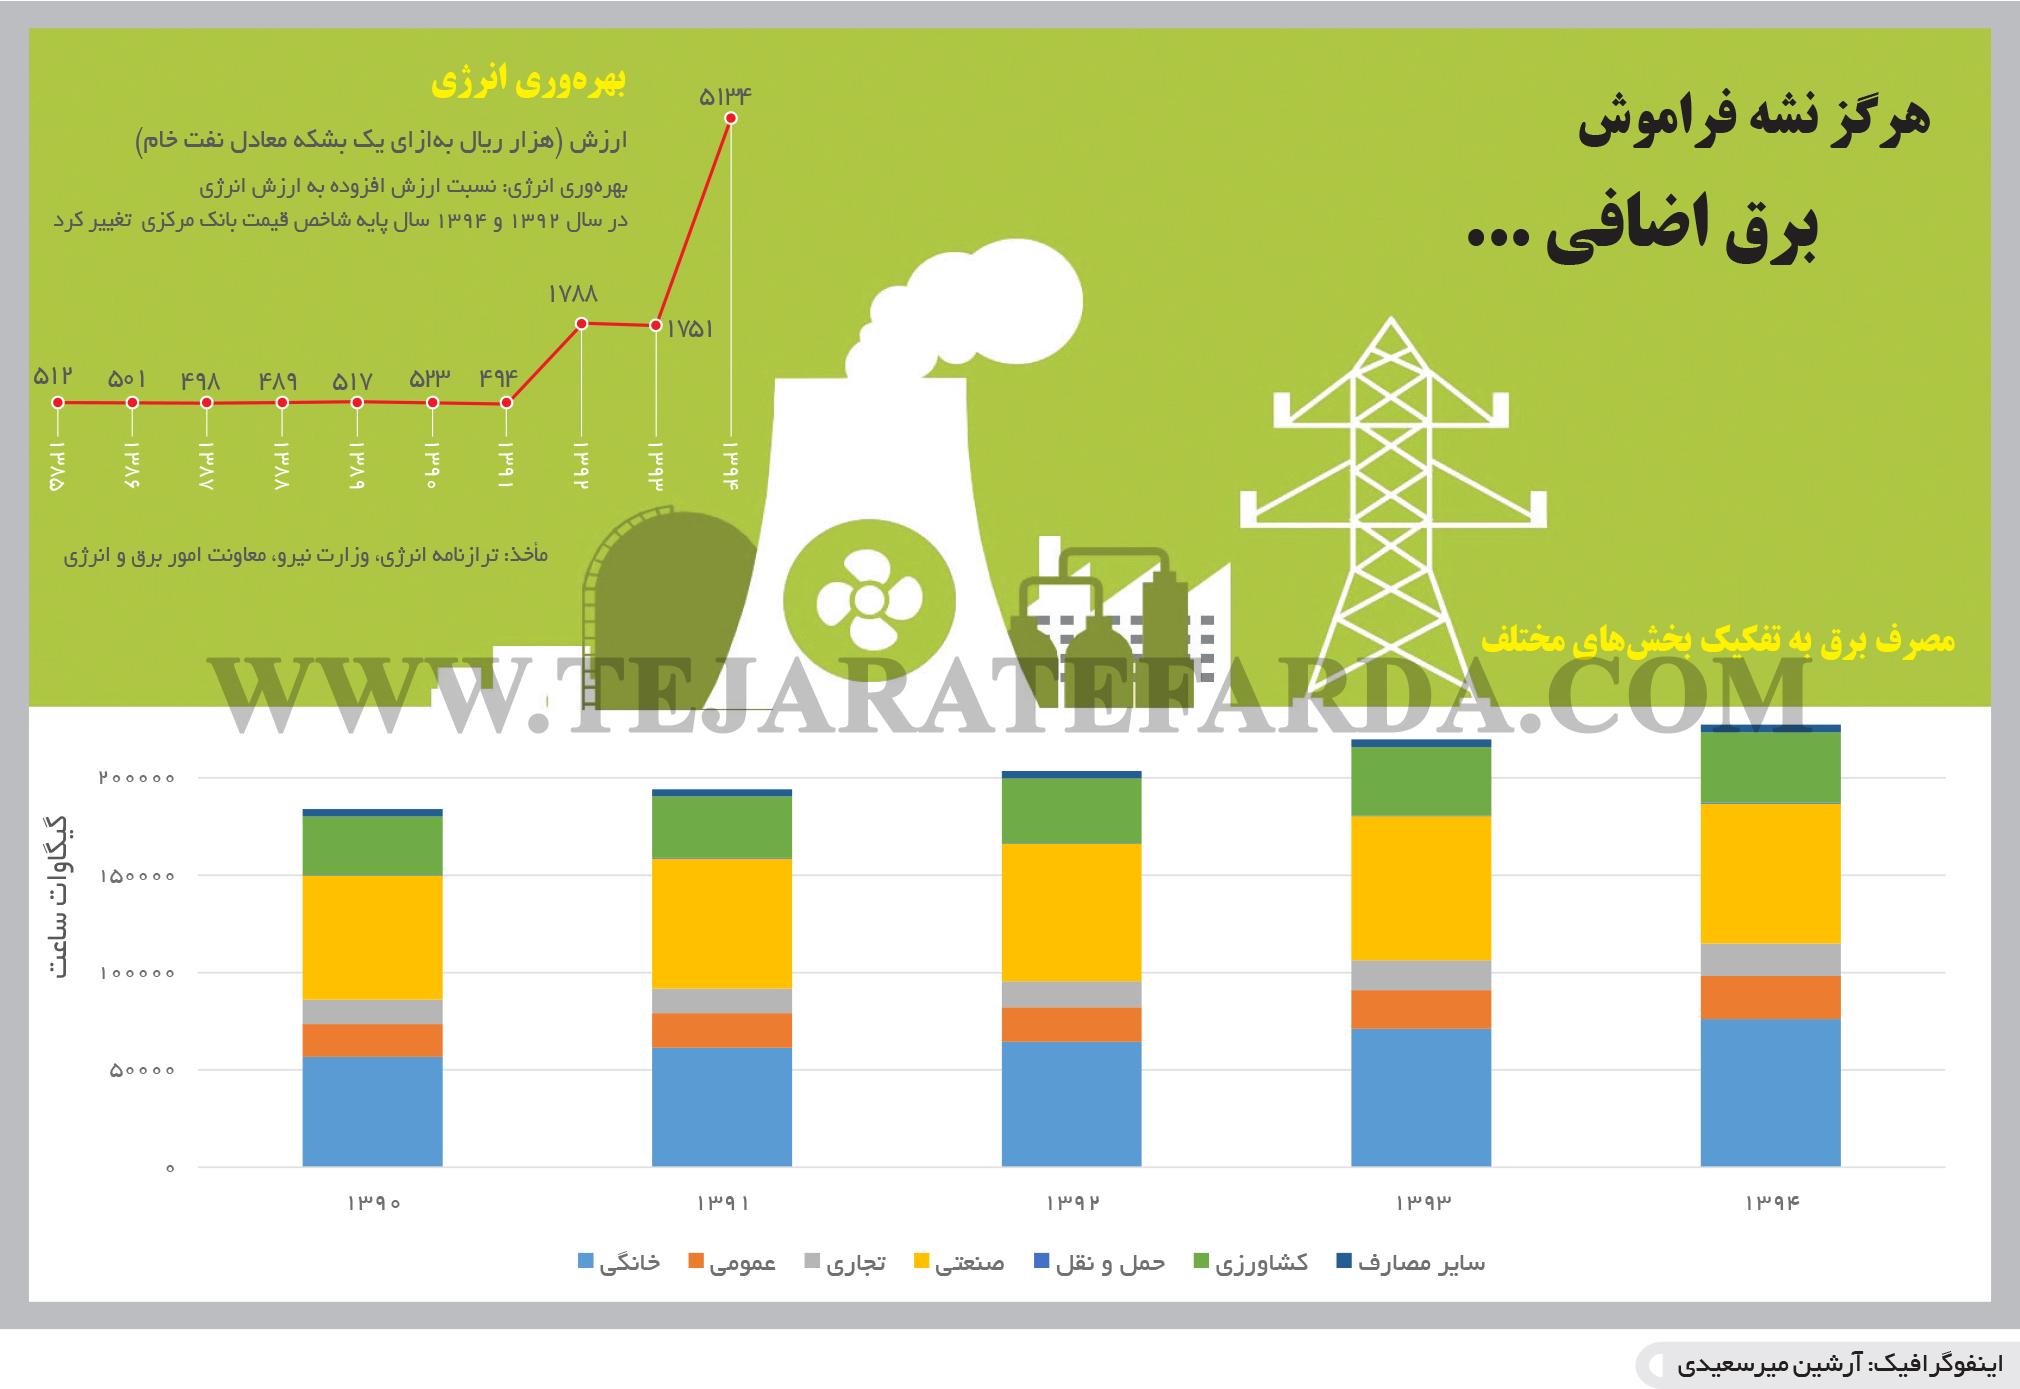 تجارت- فردا- بحران برق(اینفوگرافیک)